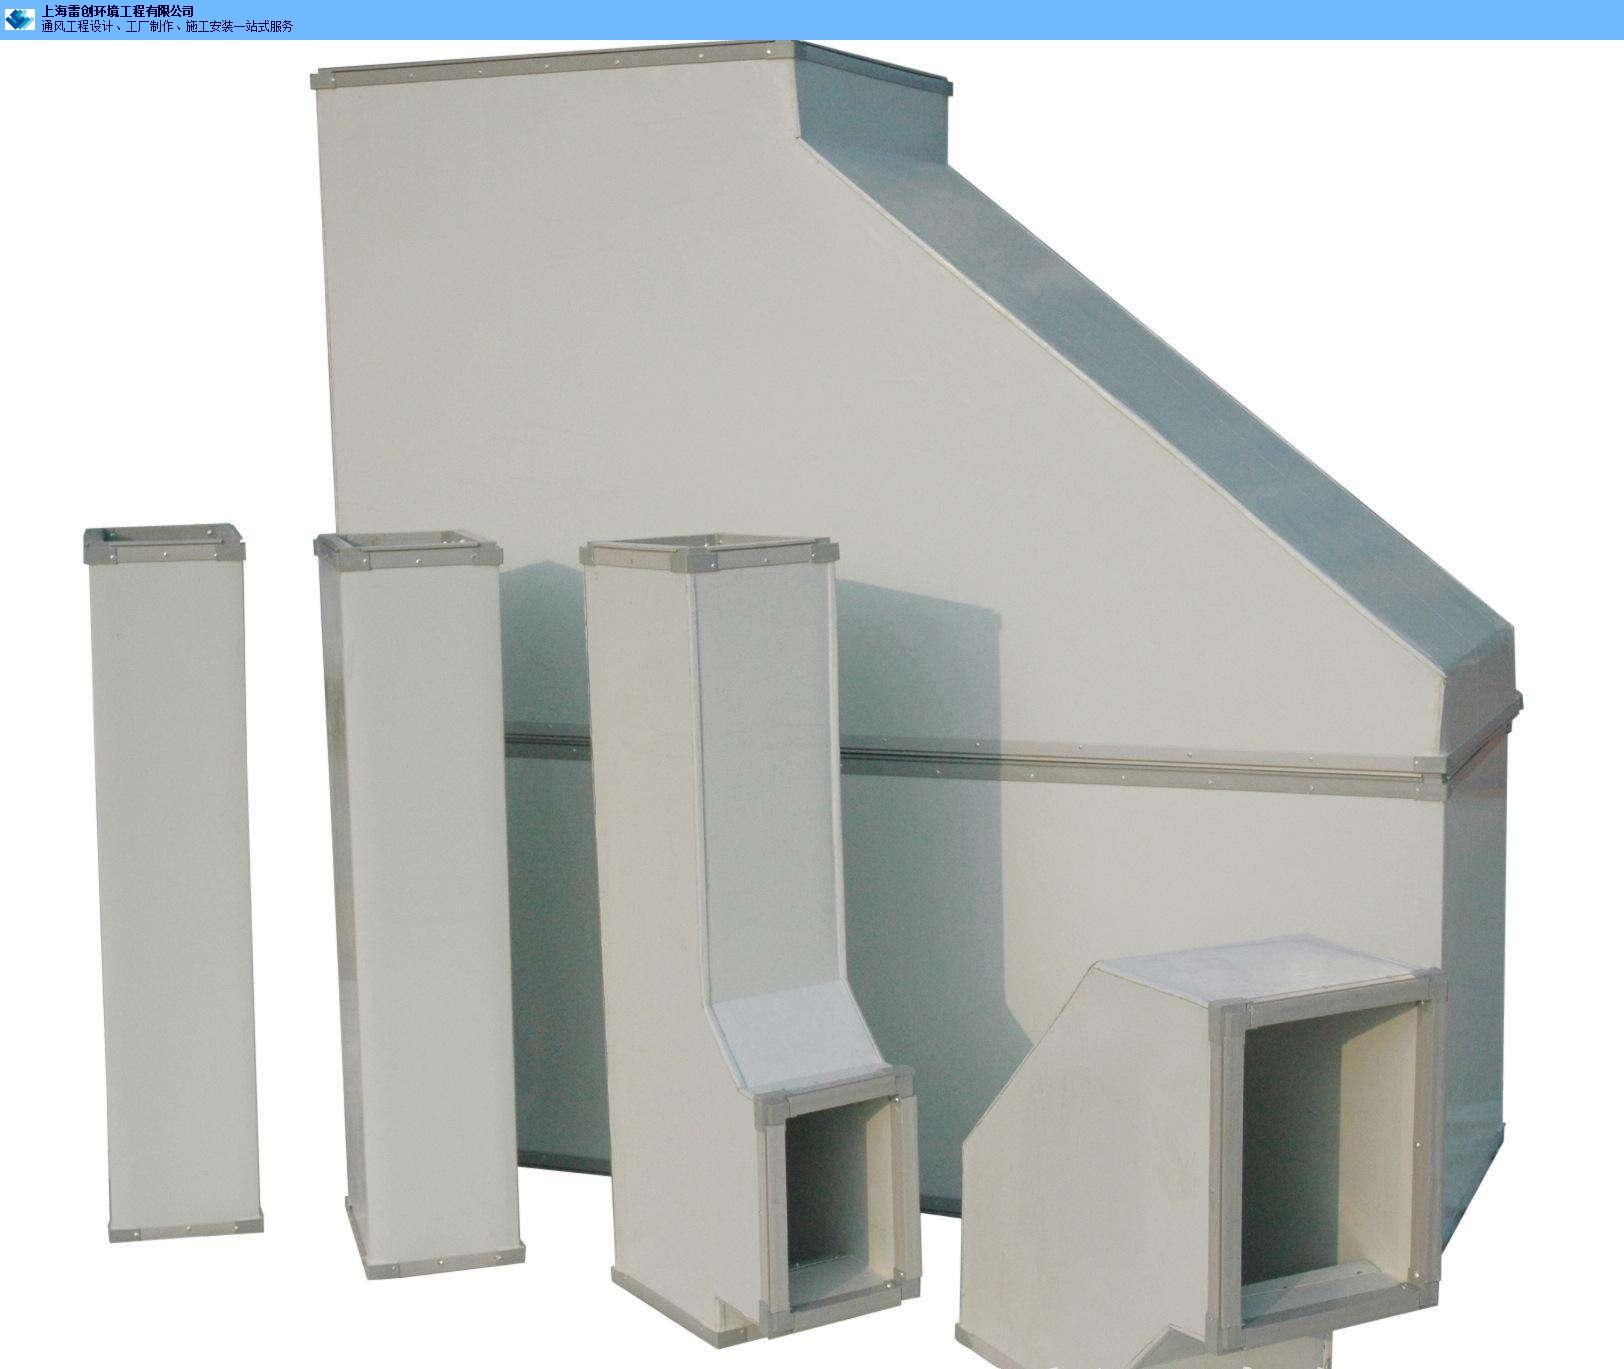 高港区销售1.5厚镀锌风管制造商,1.5厚镀锌风管